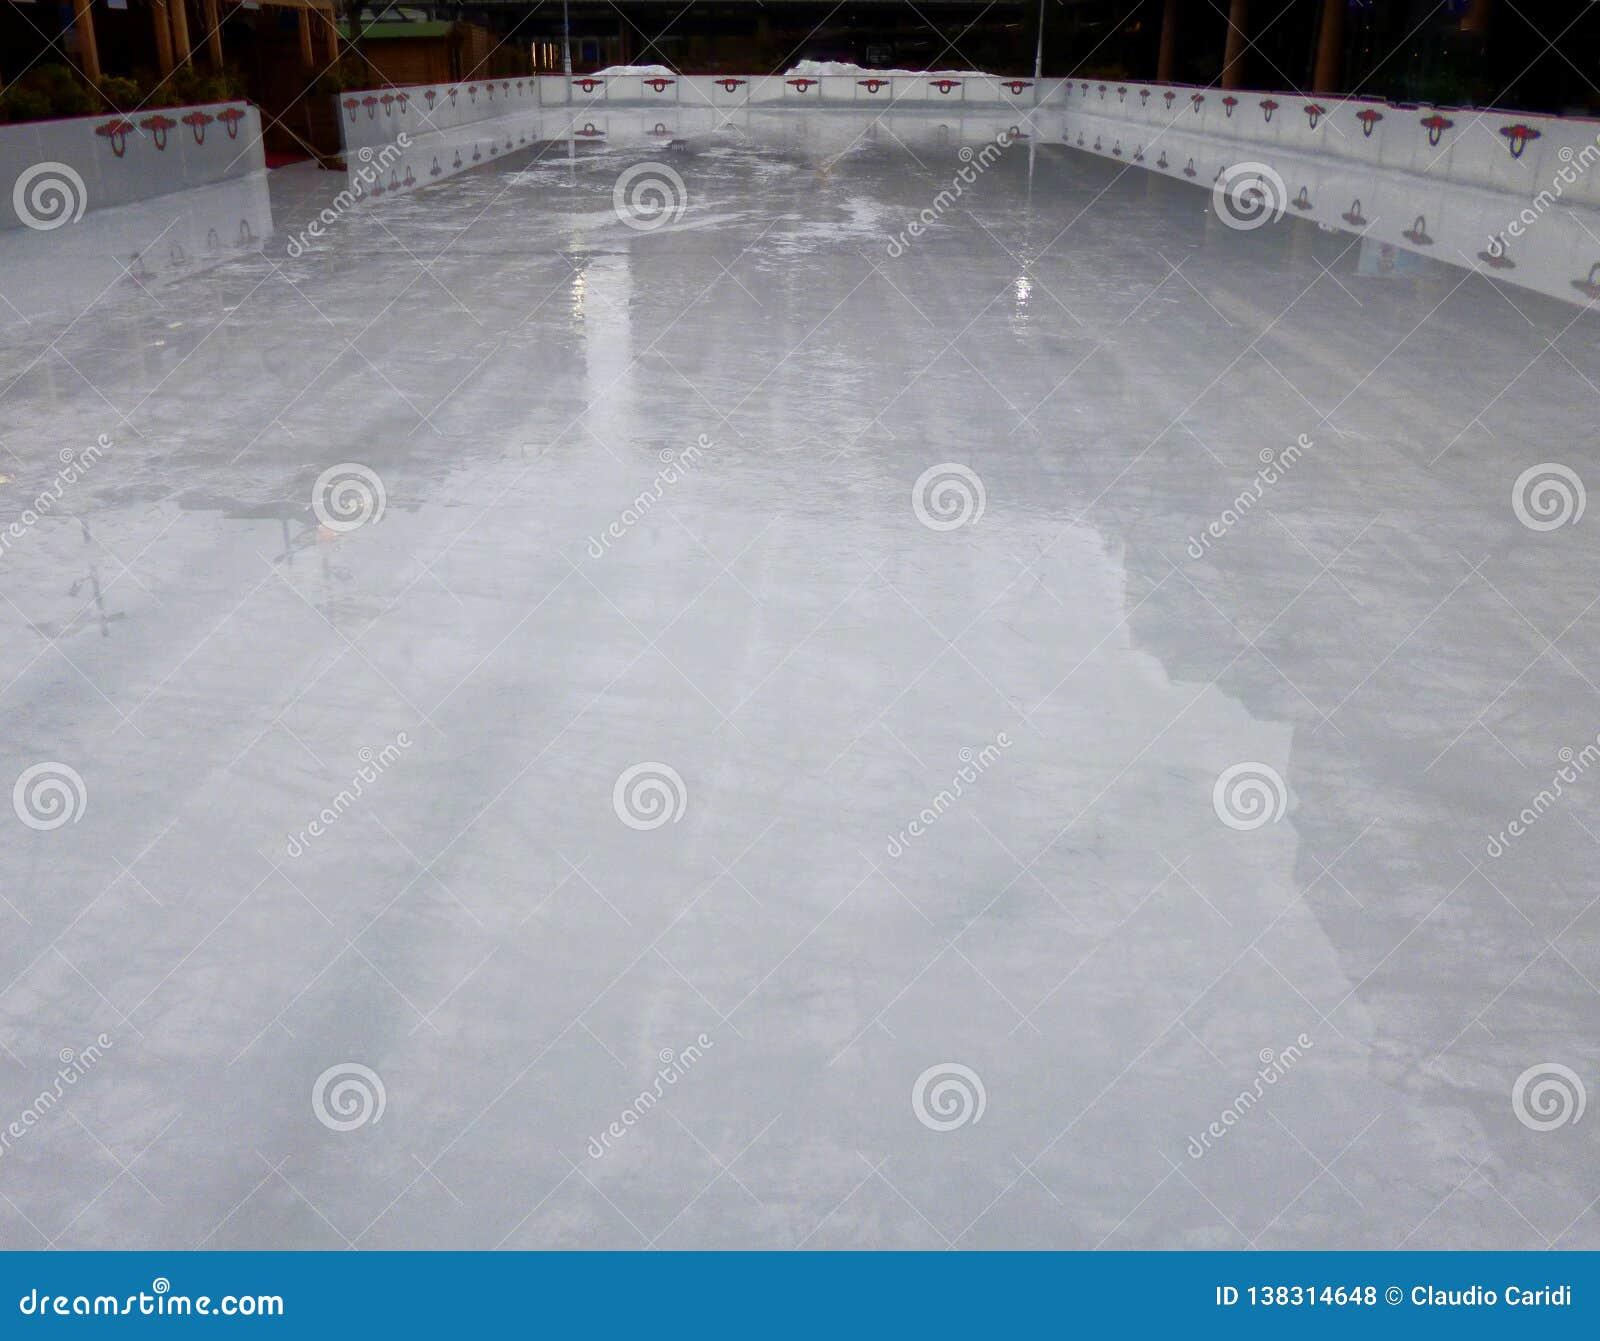 Lege ijsbaan, het schaatsen arena